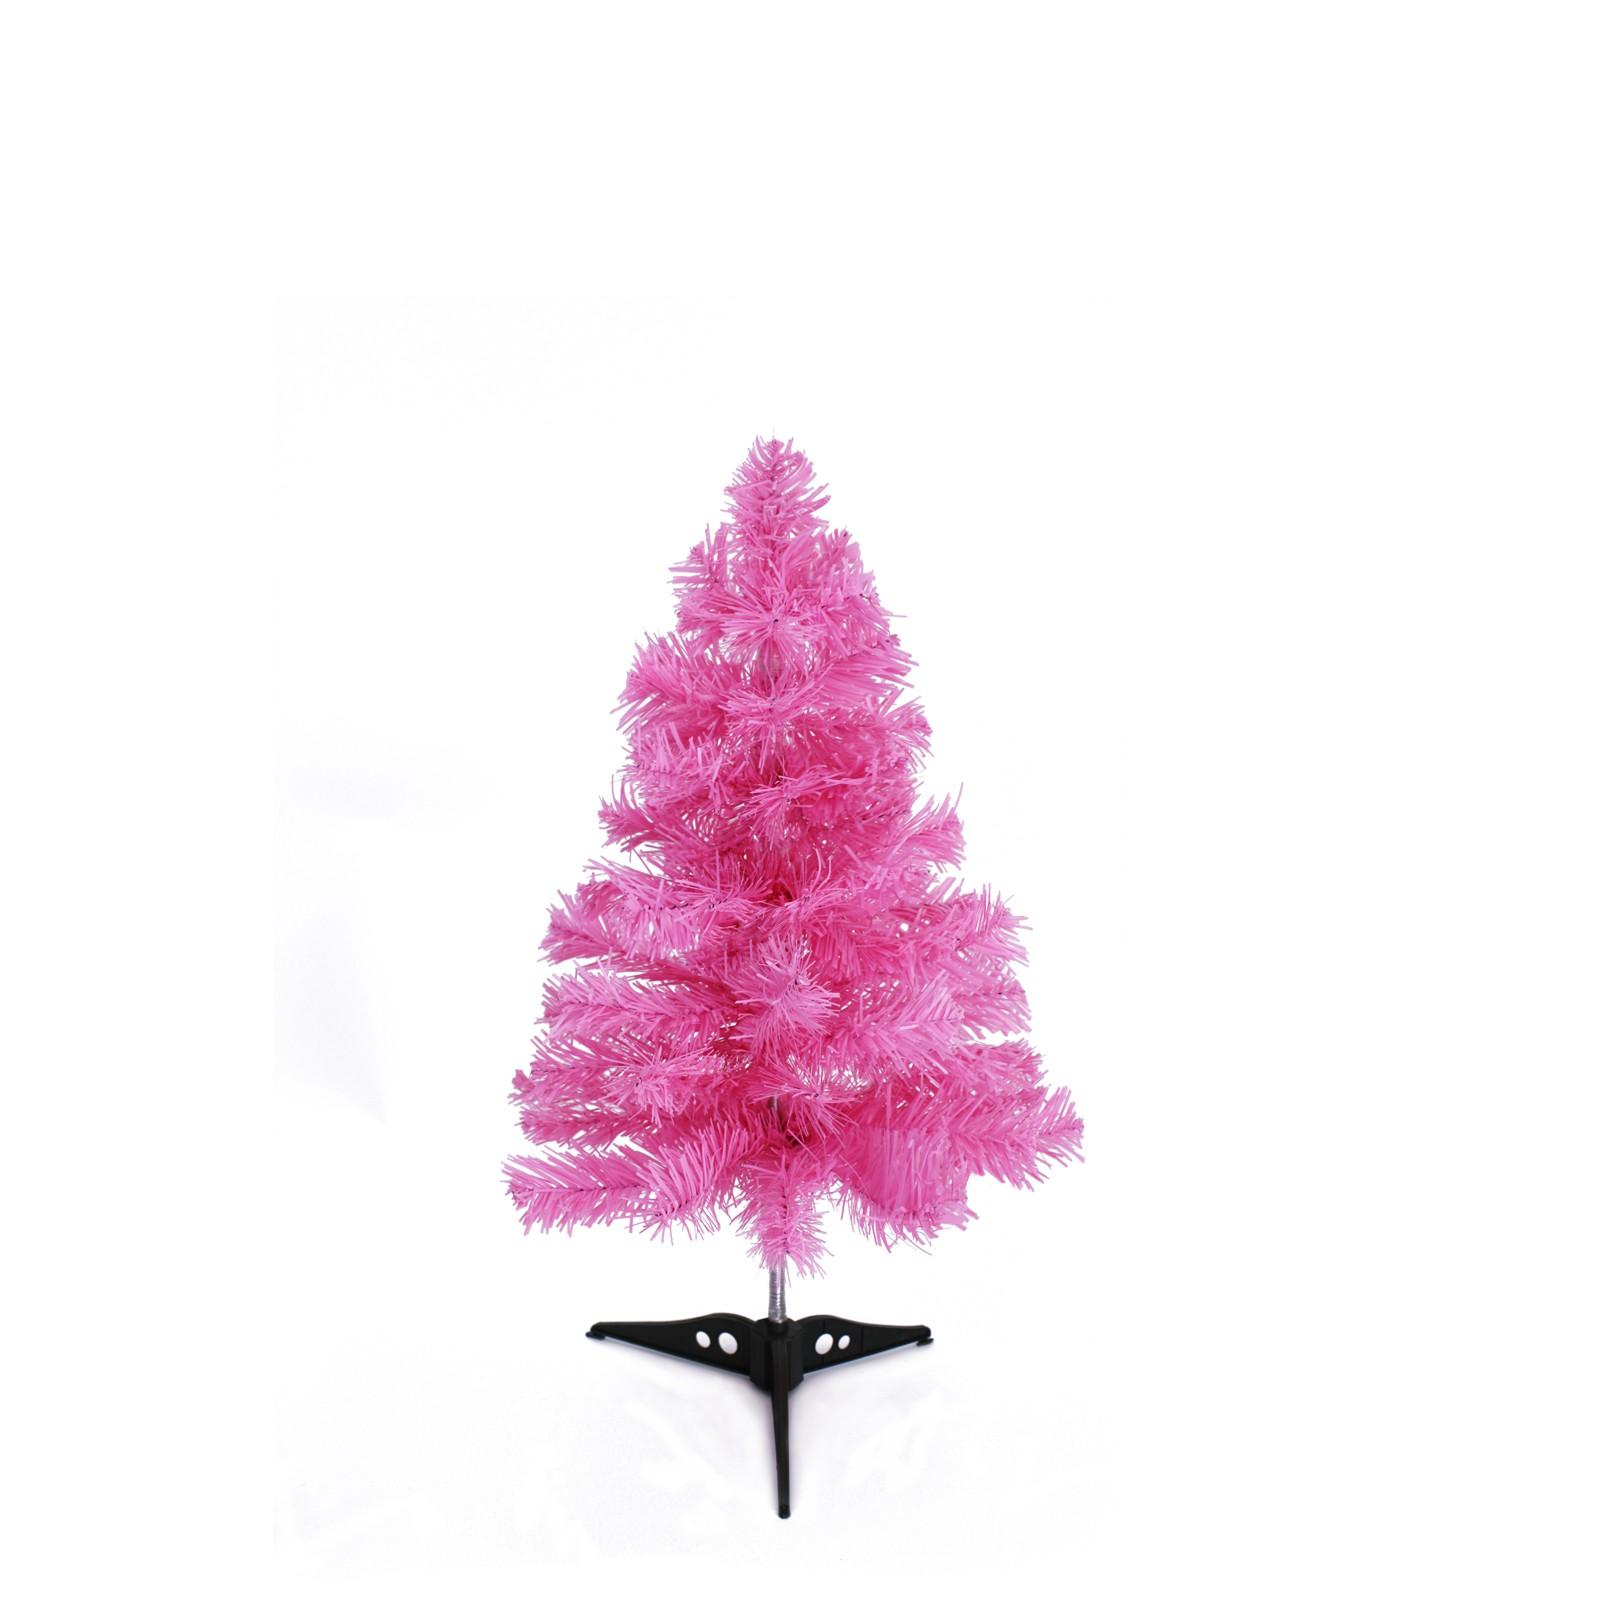 christbaum k nstlicher weihnachtsbaum tannenbaum jazzy 5 farben 5 gr en xmas ebay. Black Bedroom Furniture Sets. Home Design Ideas